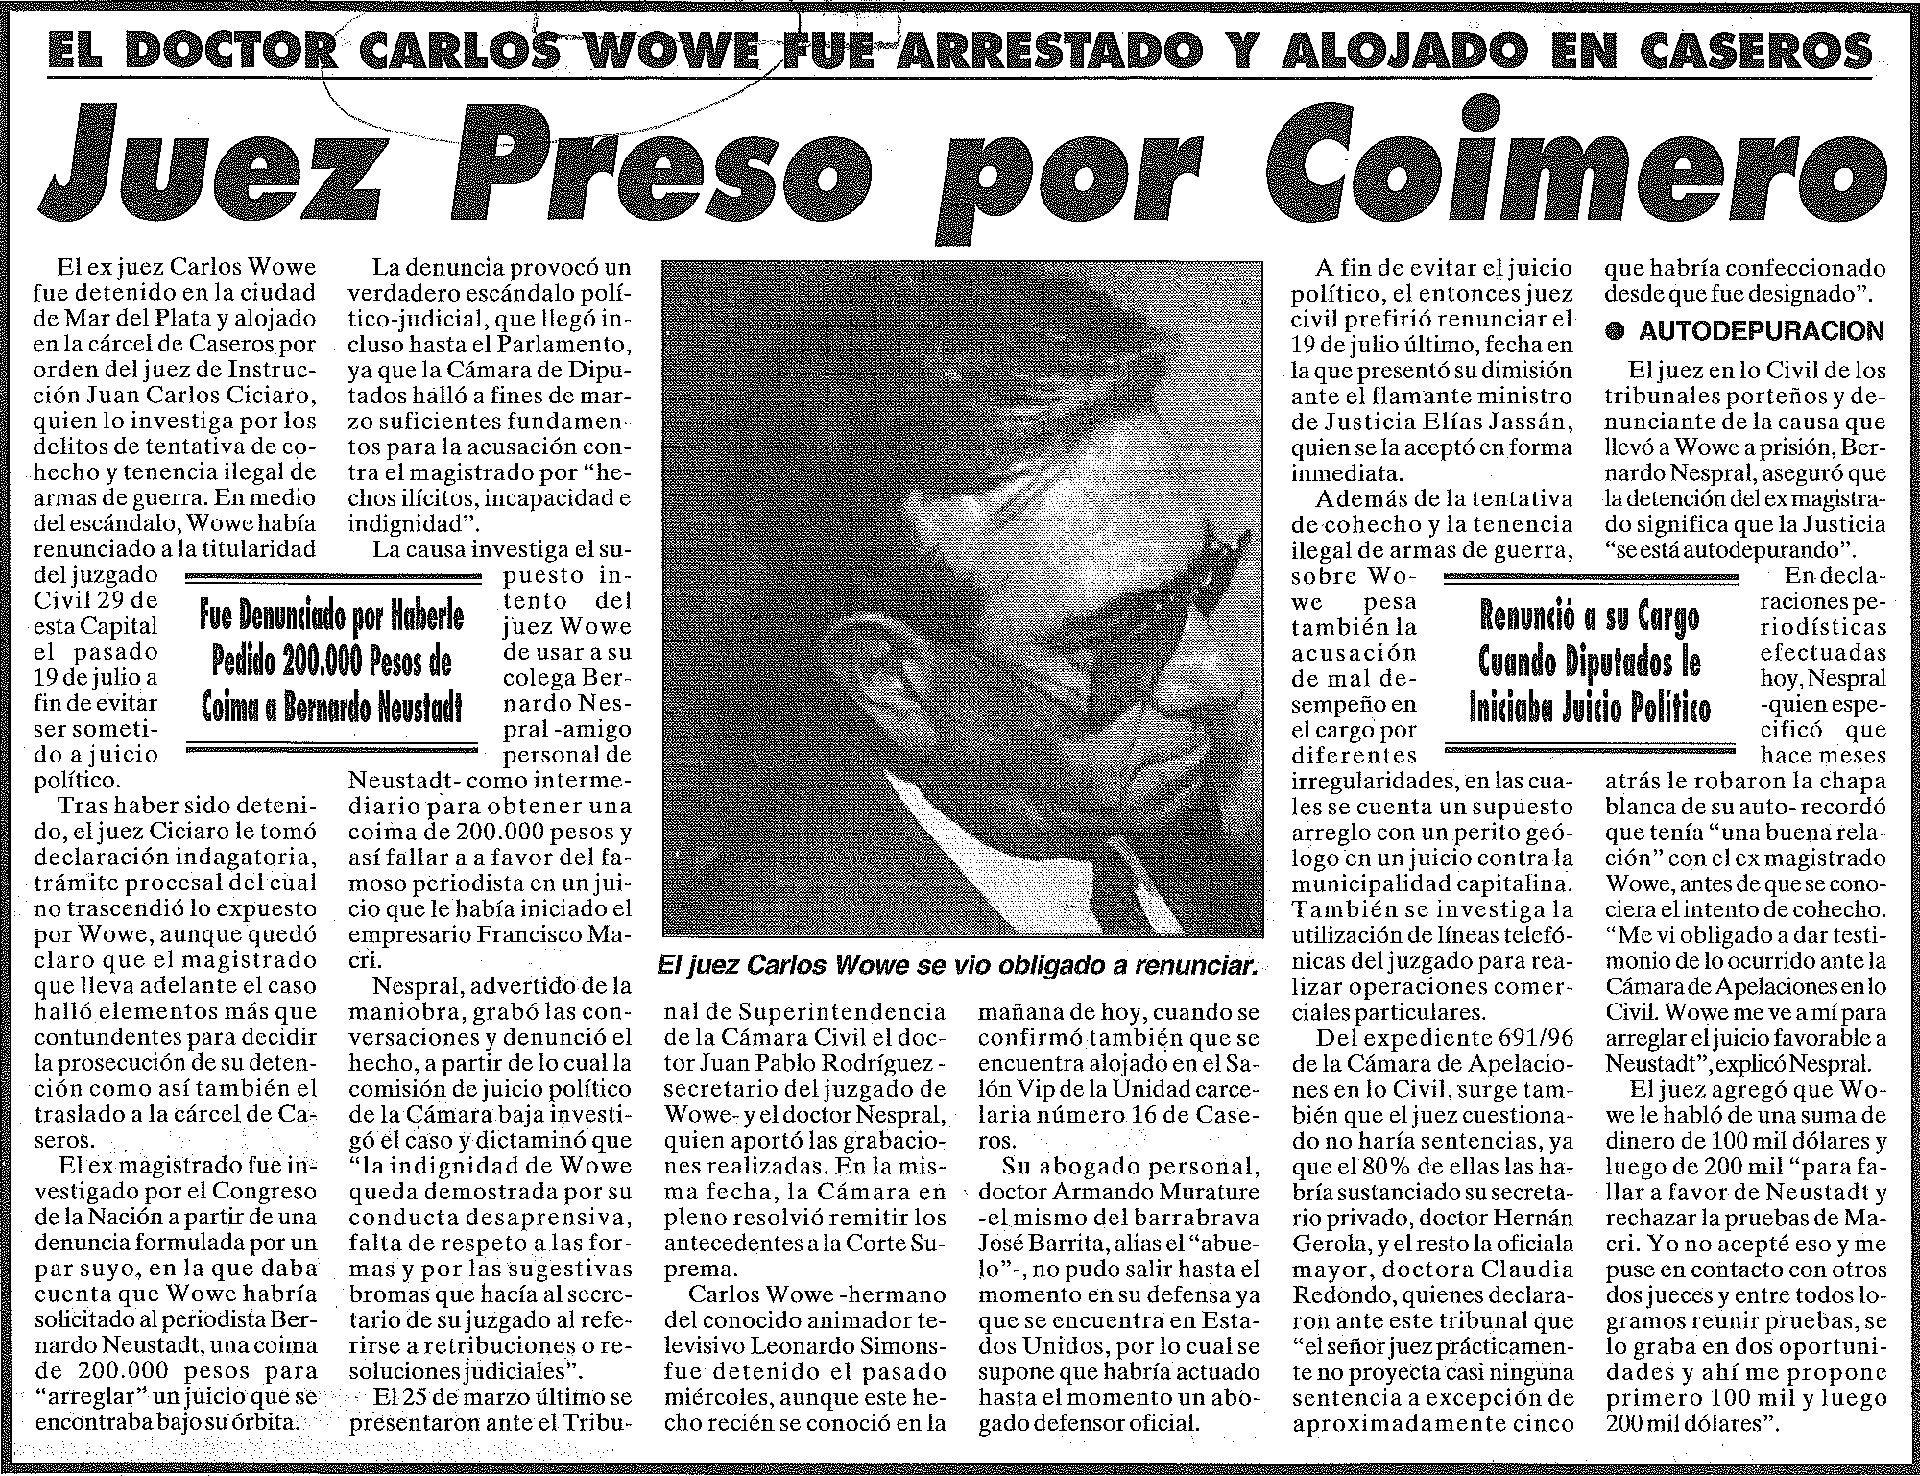 El lunes 5 de agosto de 1996 el Diario Crónica informaba sobre la detención del juez Carlos Wowe, hermano de Leonardo Simons